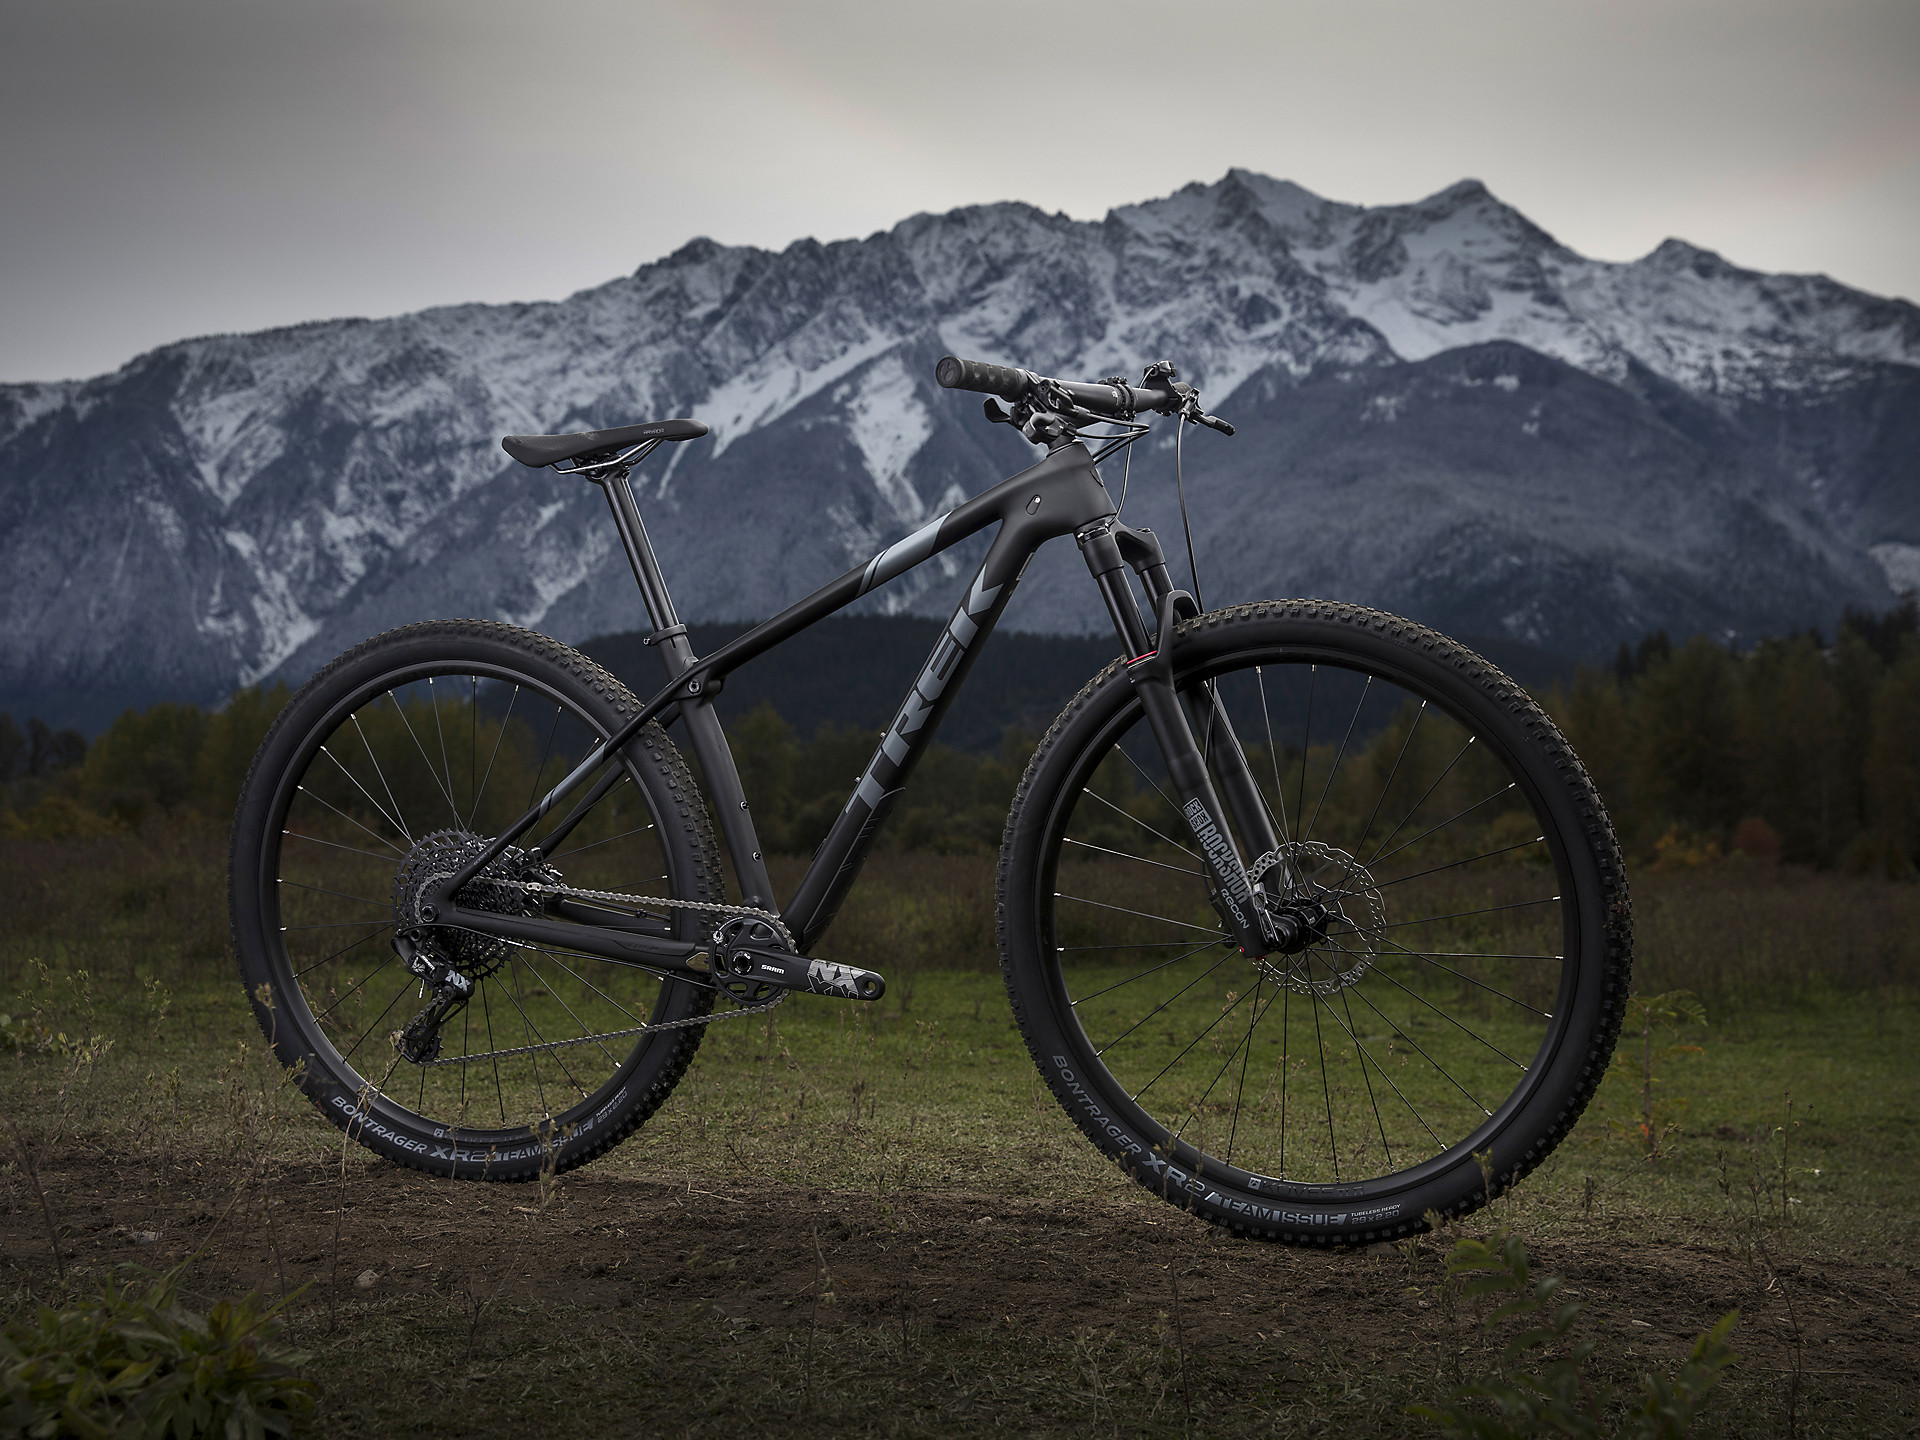 ec1fee7c6da Procaliber 9.6 | Trek Bikes